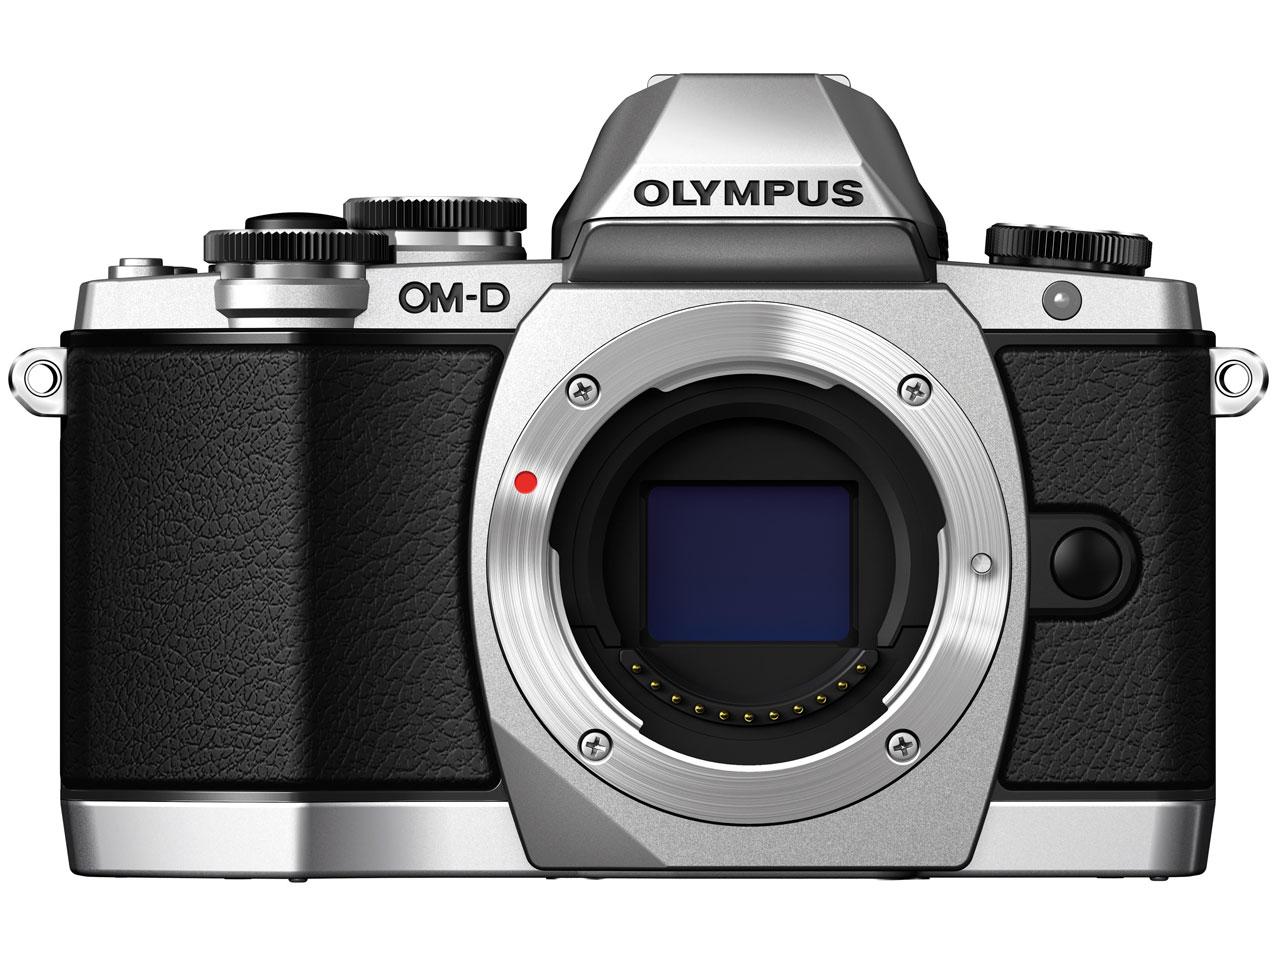 『本体 正面5』 OLYMPUS OM-D E-M10 14-42mm EZ レンズキット [シルバー] の製品画像